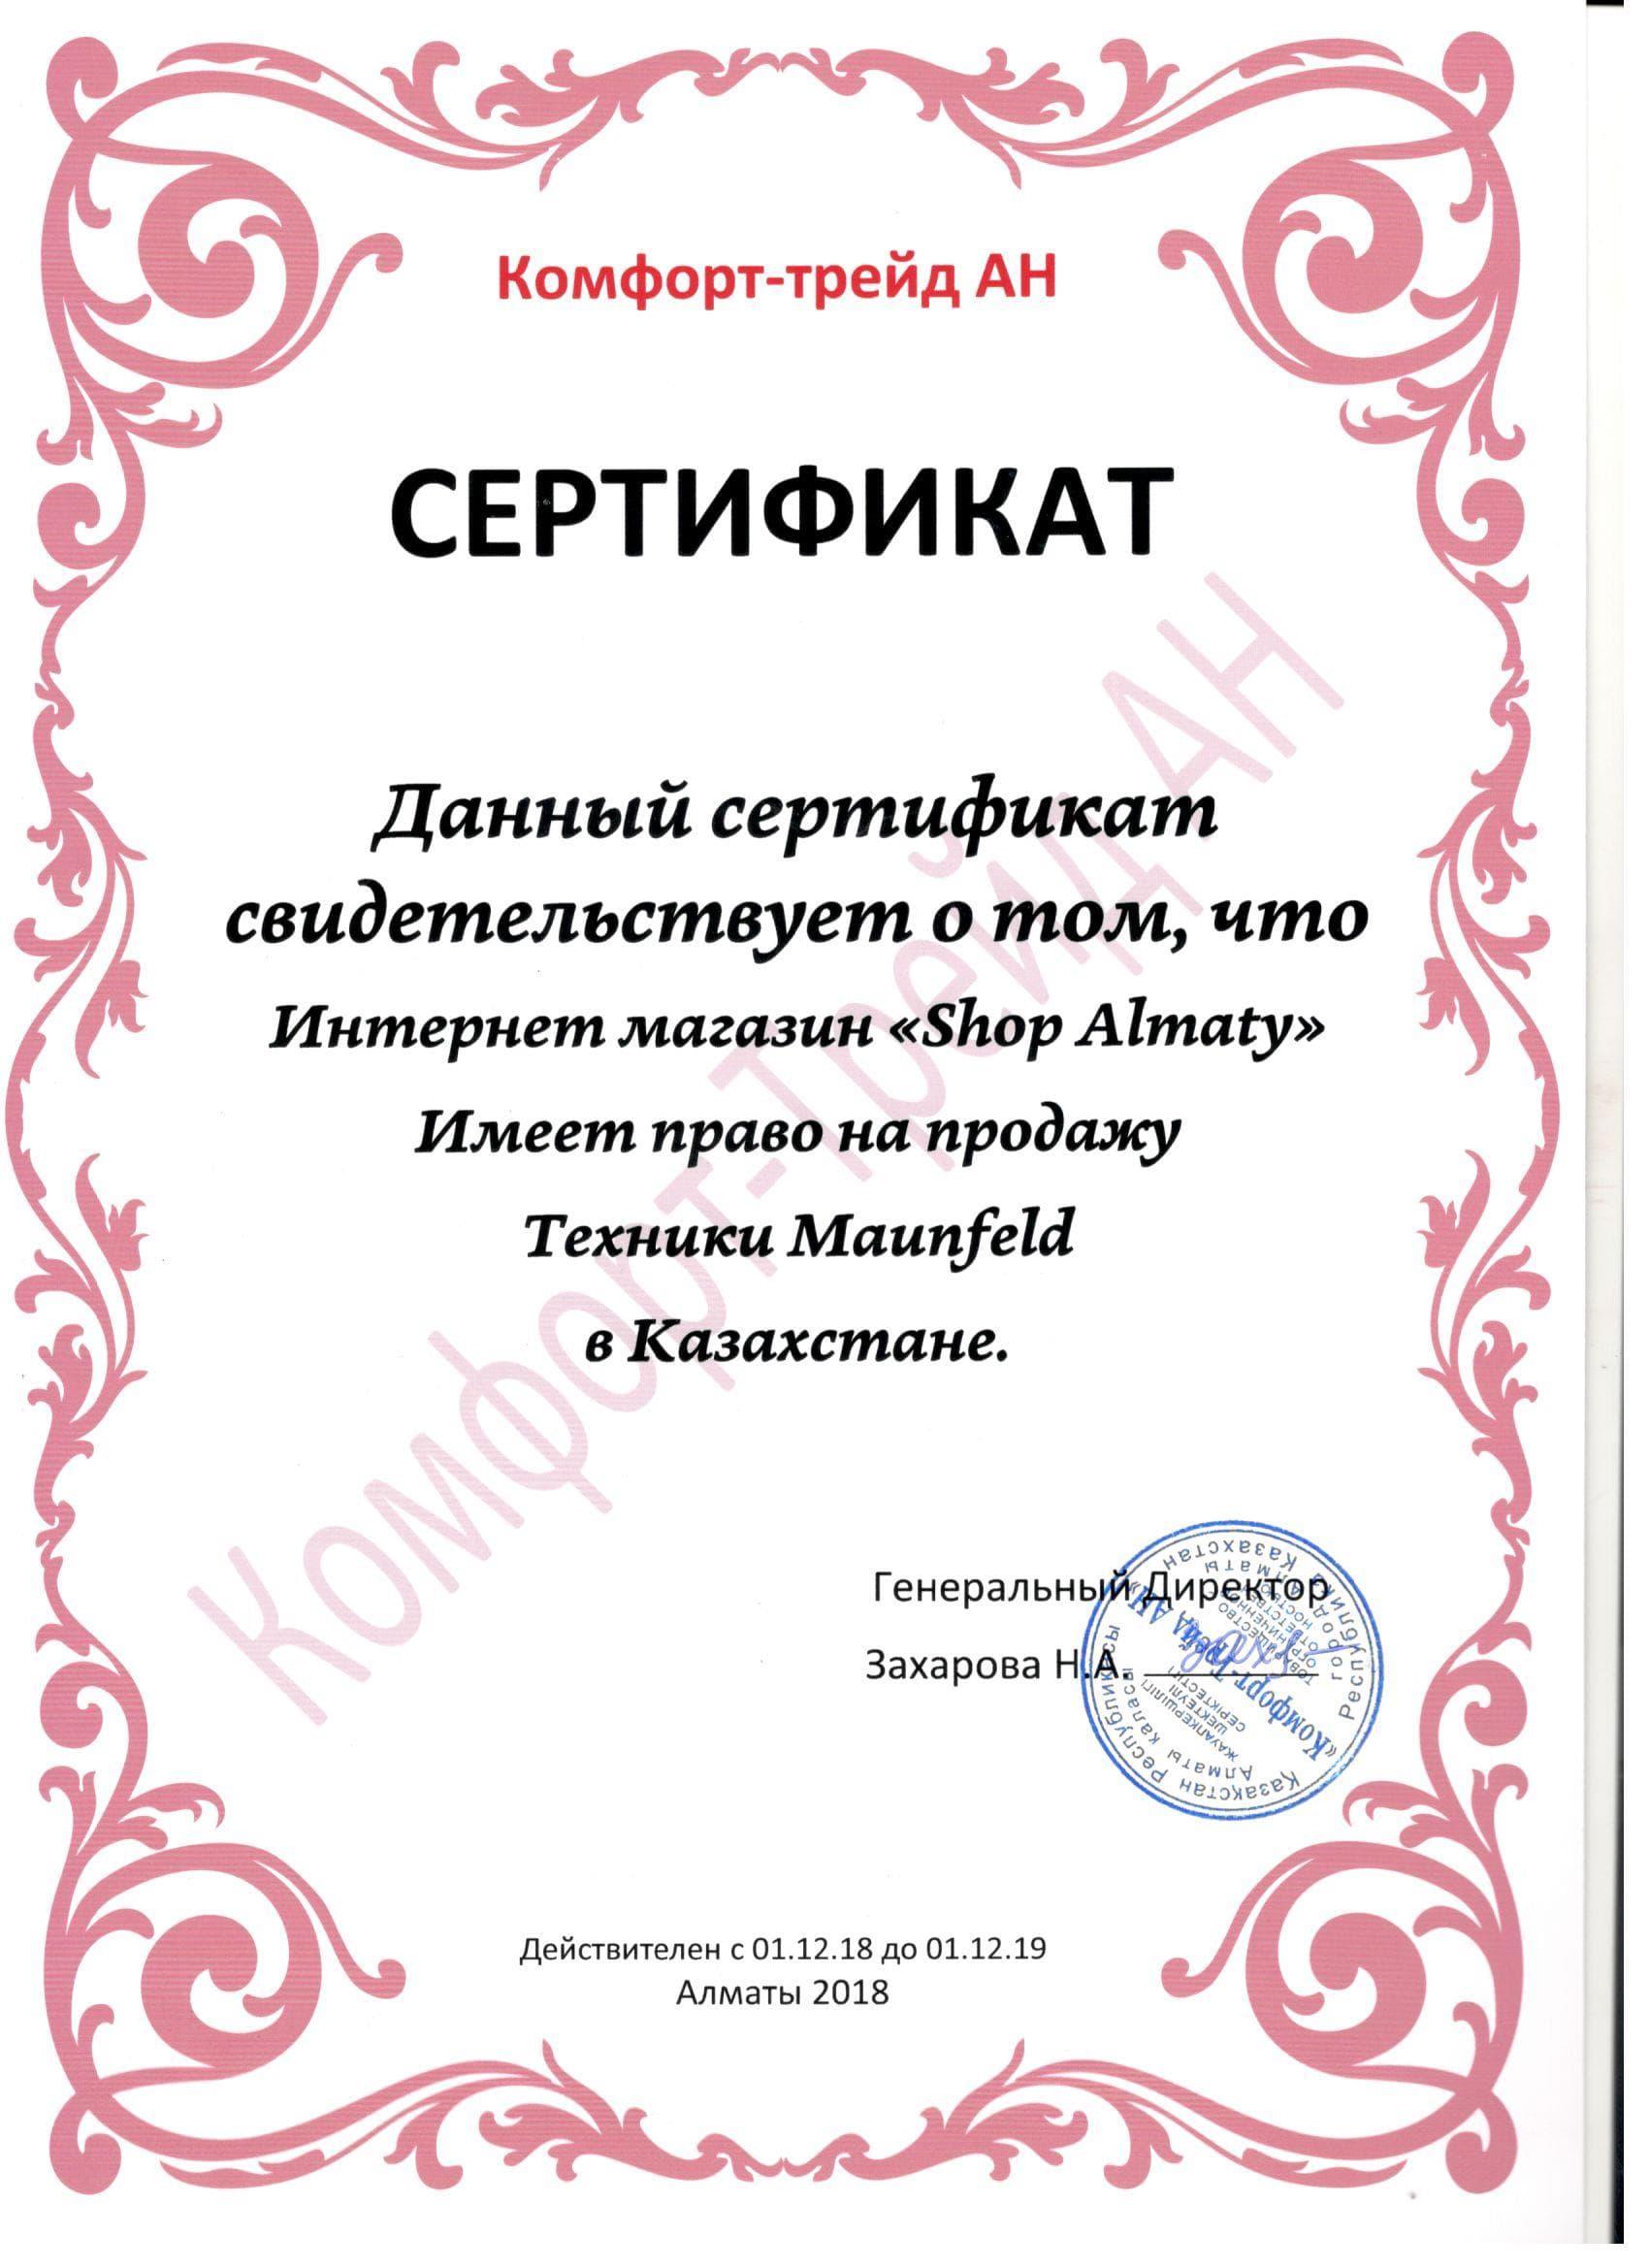 Сертификат MAUNFELD